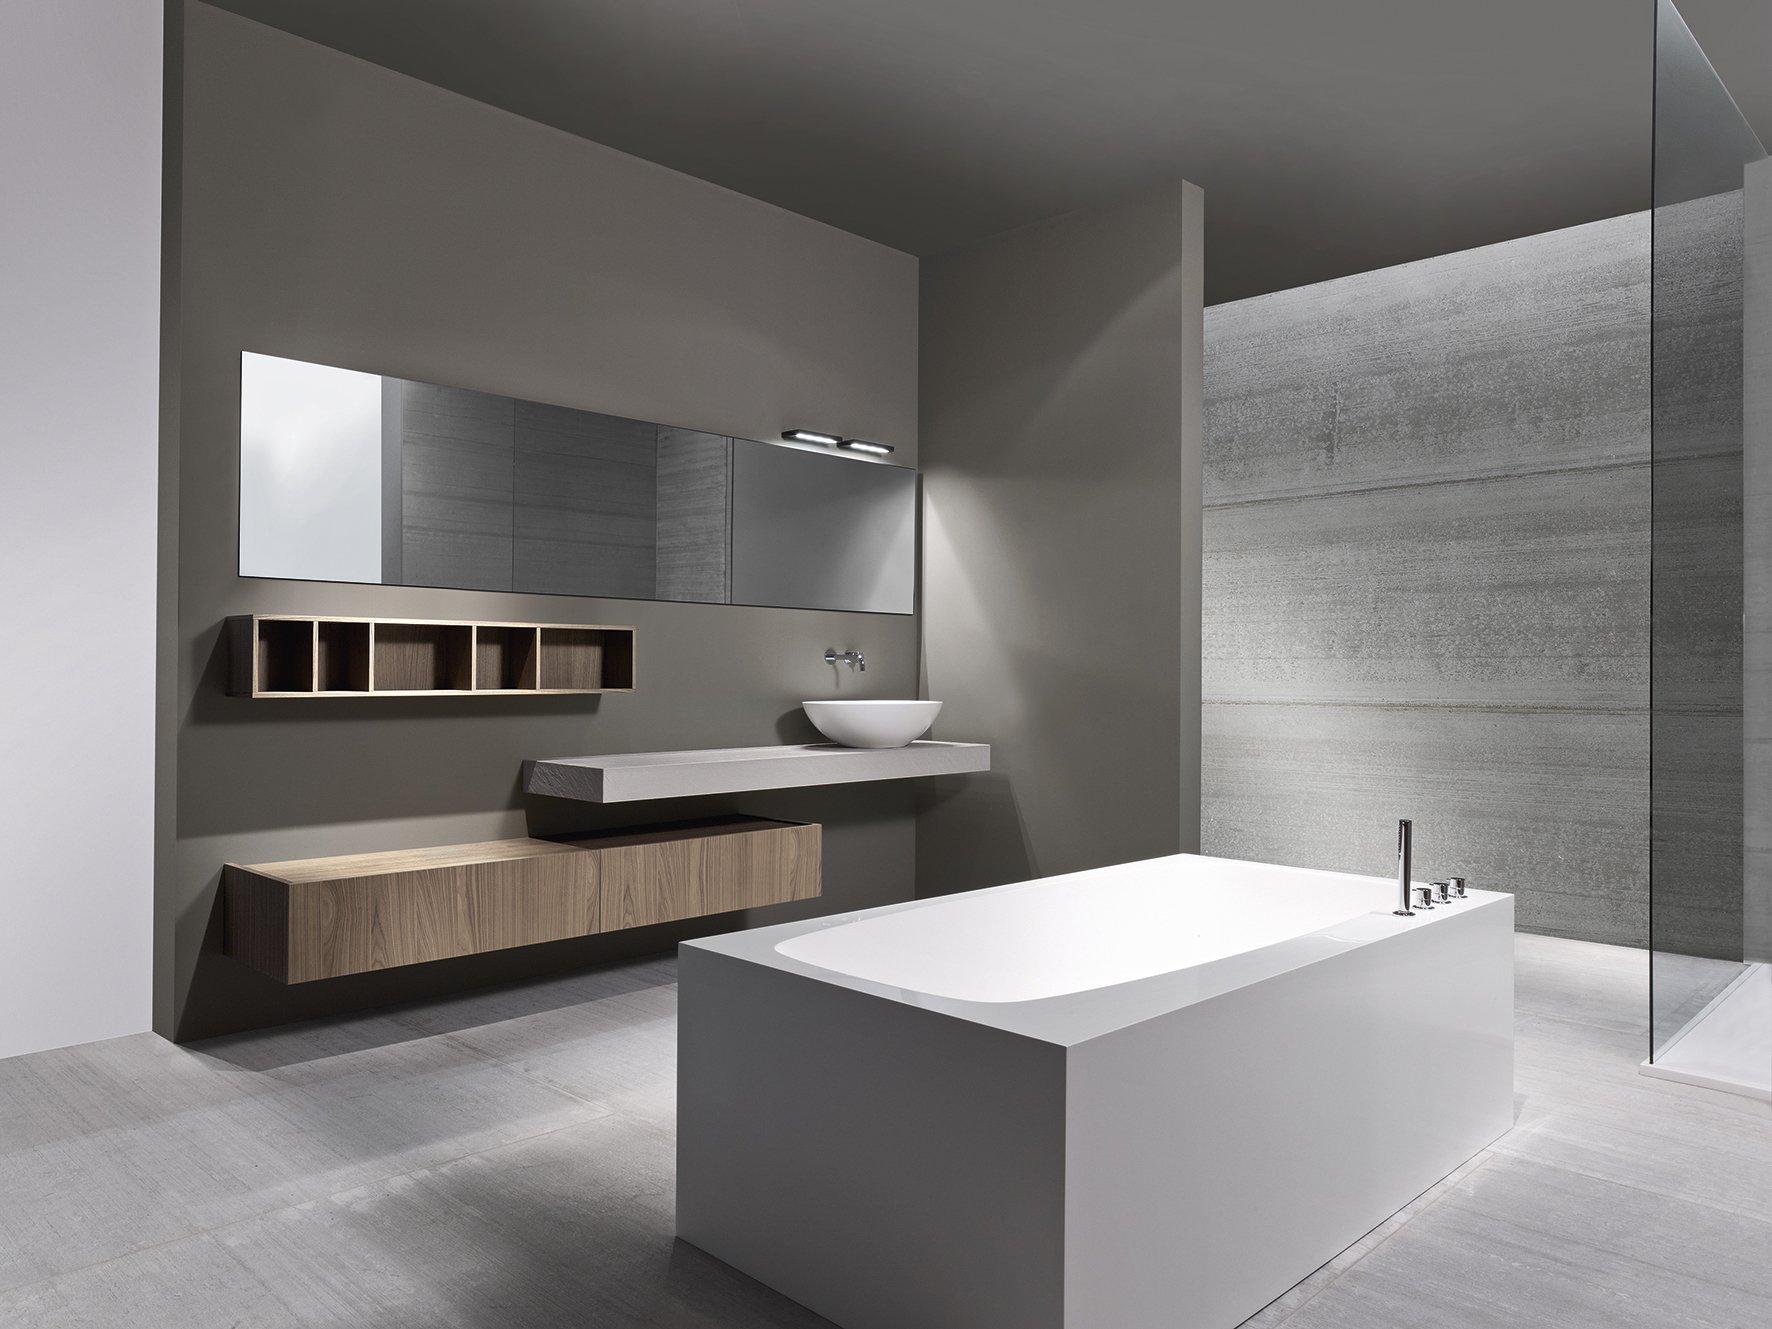 accessori bagno | carità di villorba, tv | soluzioni bagno - Simonetti Villorba Arredo Bagno